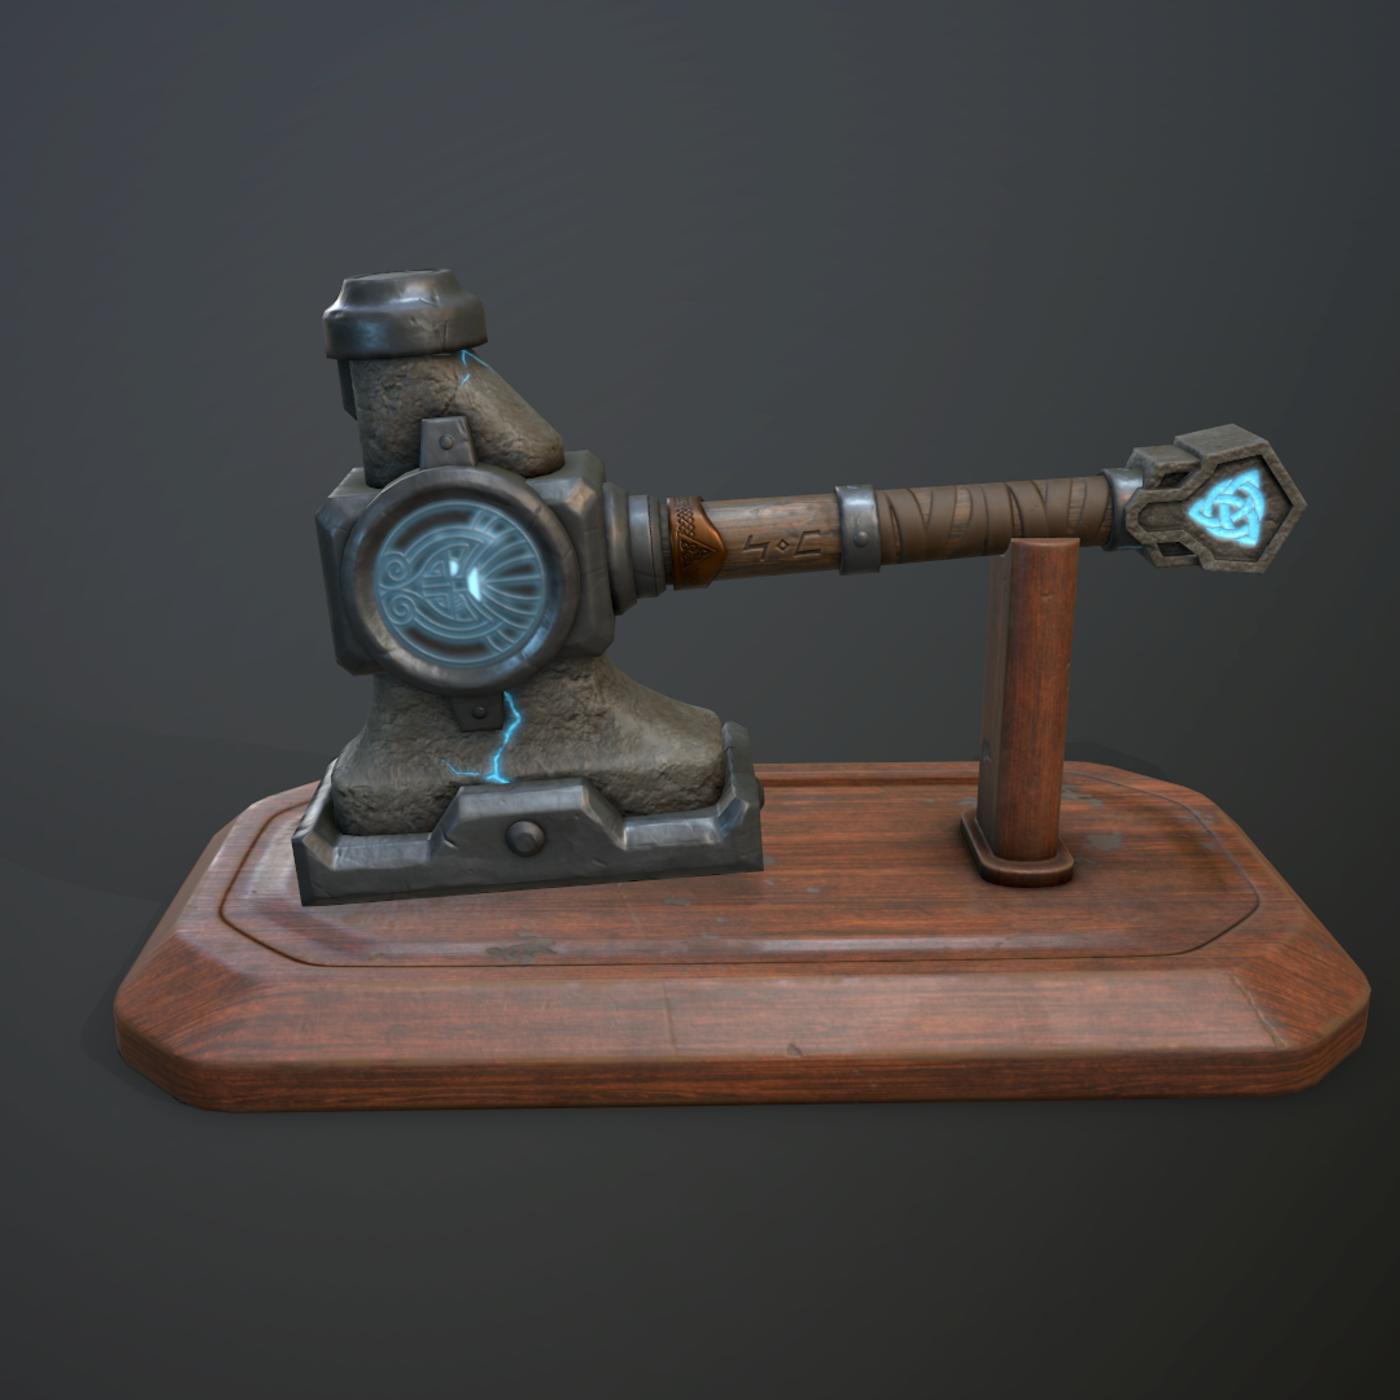 Dwarven blacksmiths hammer with pedestal